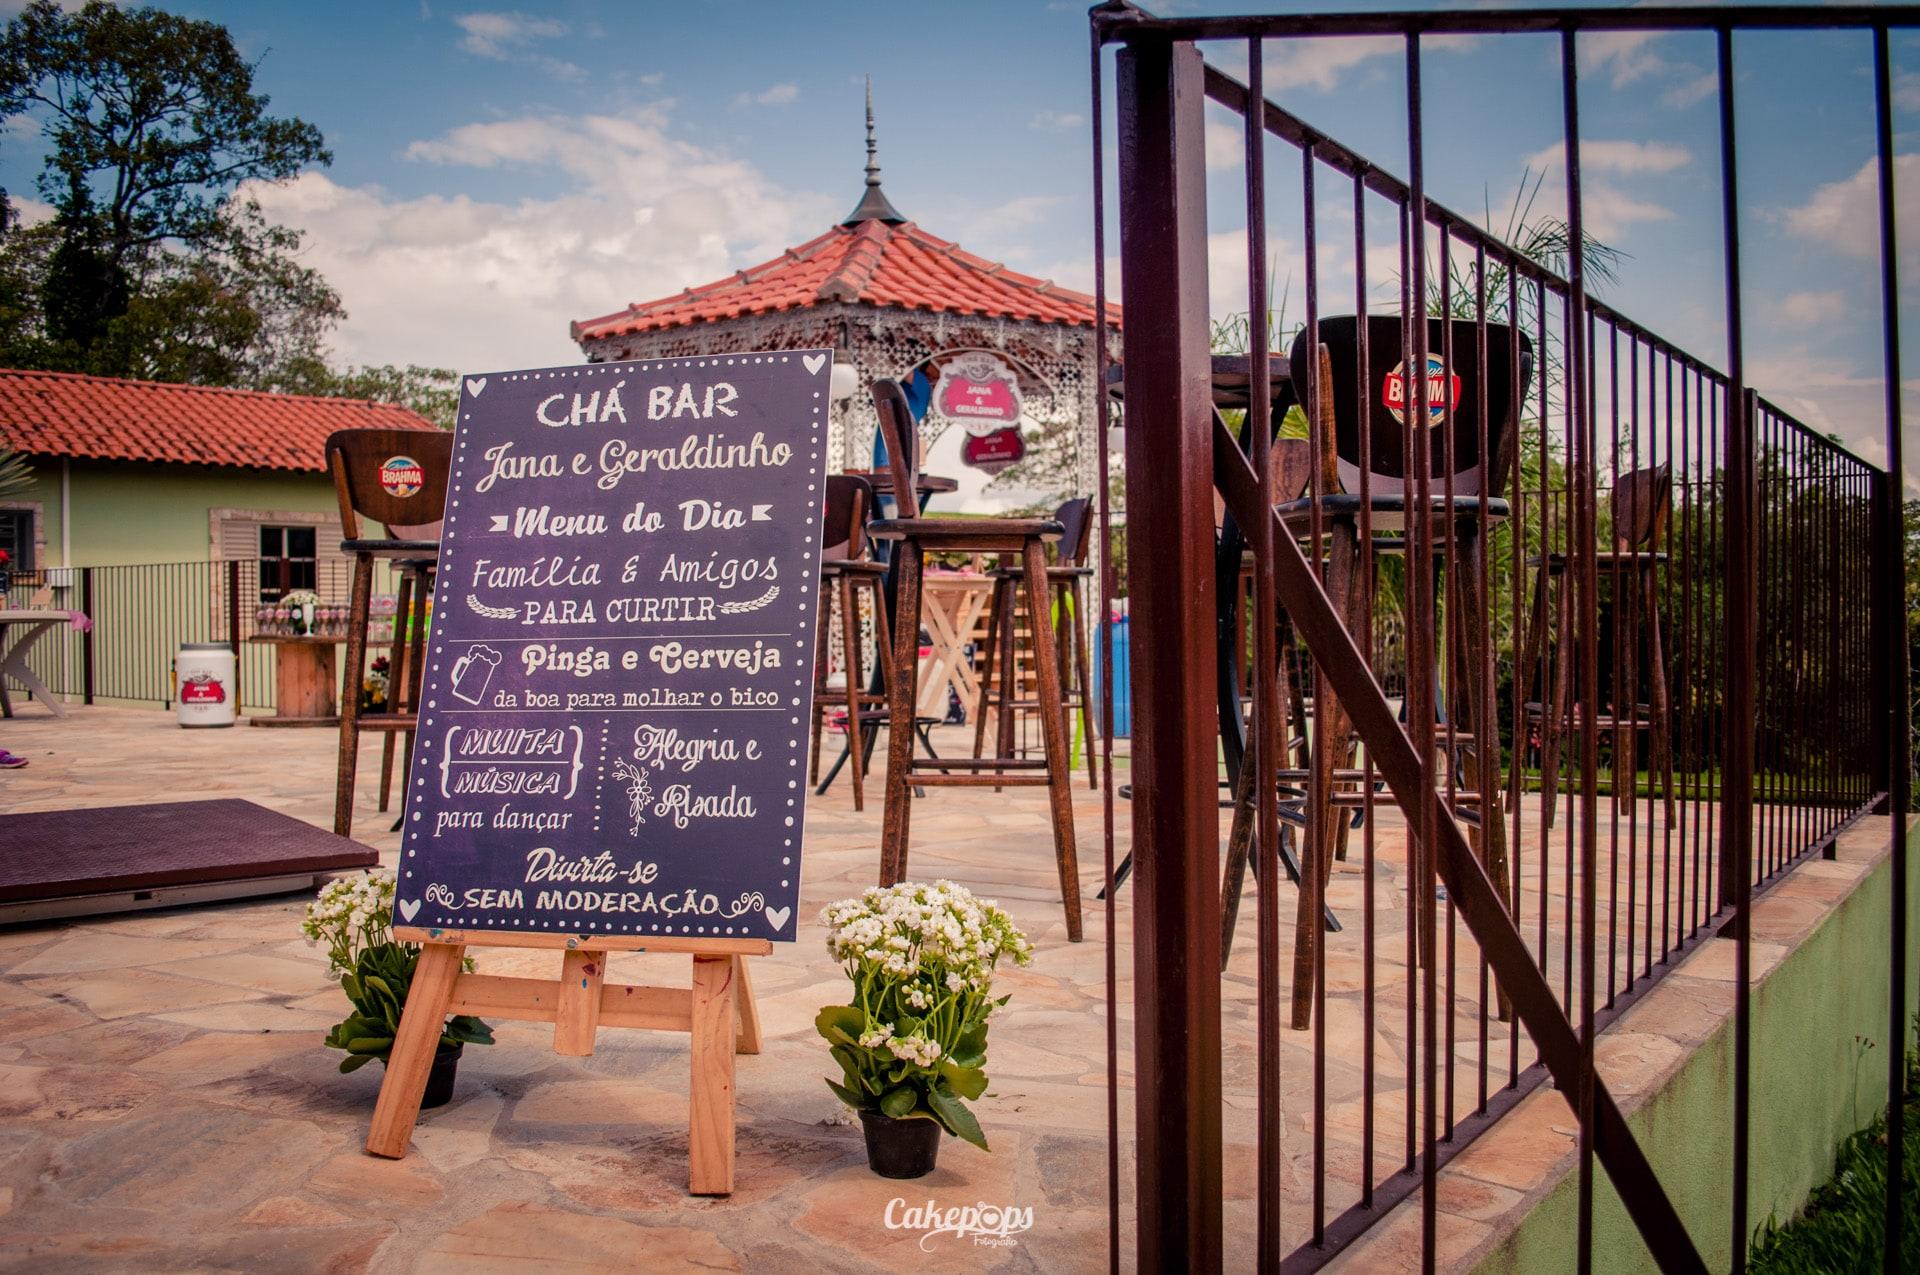 Chá Bar (1)-min